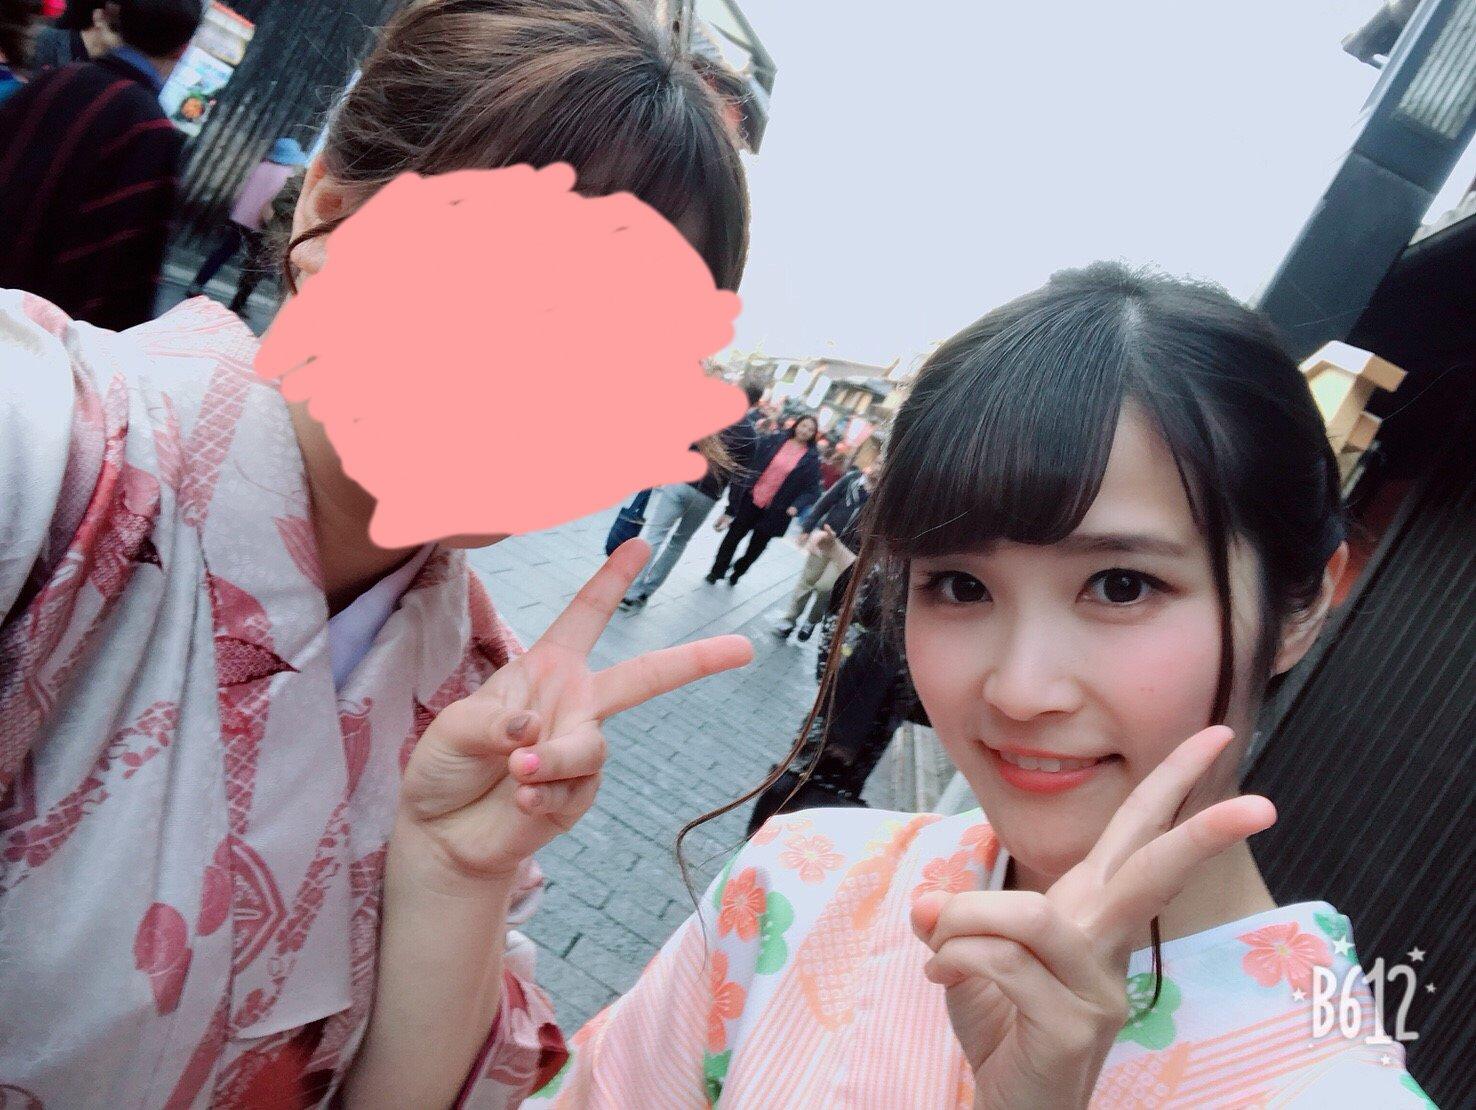 03/27のツイート画像